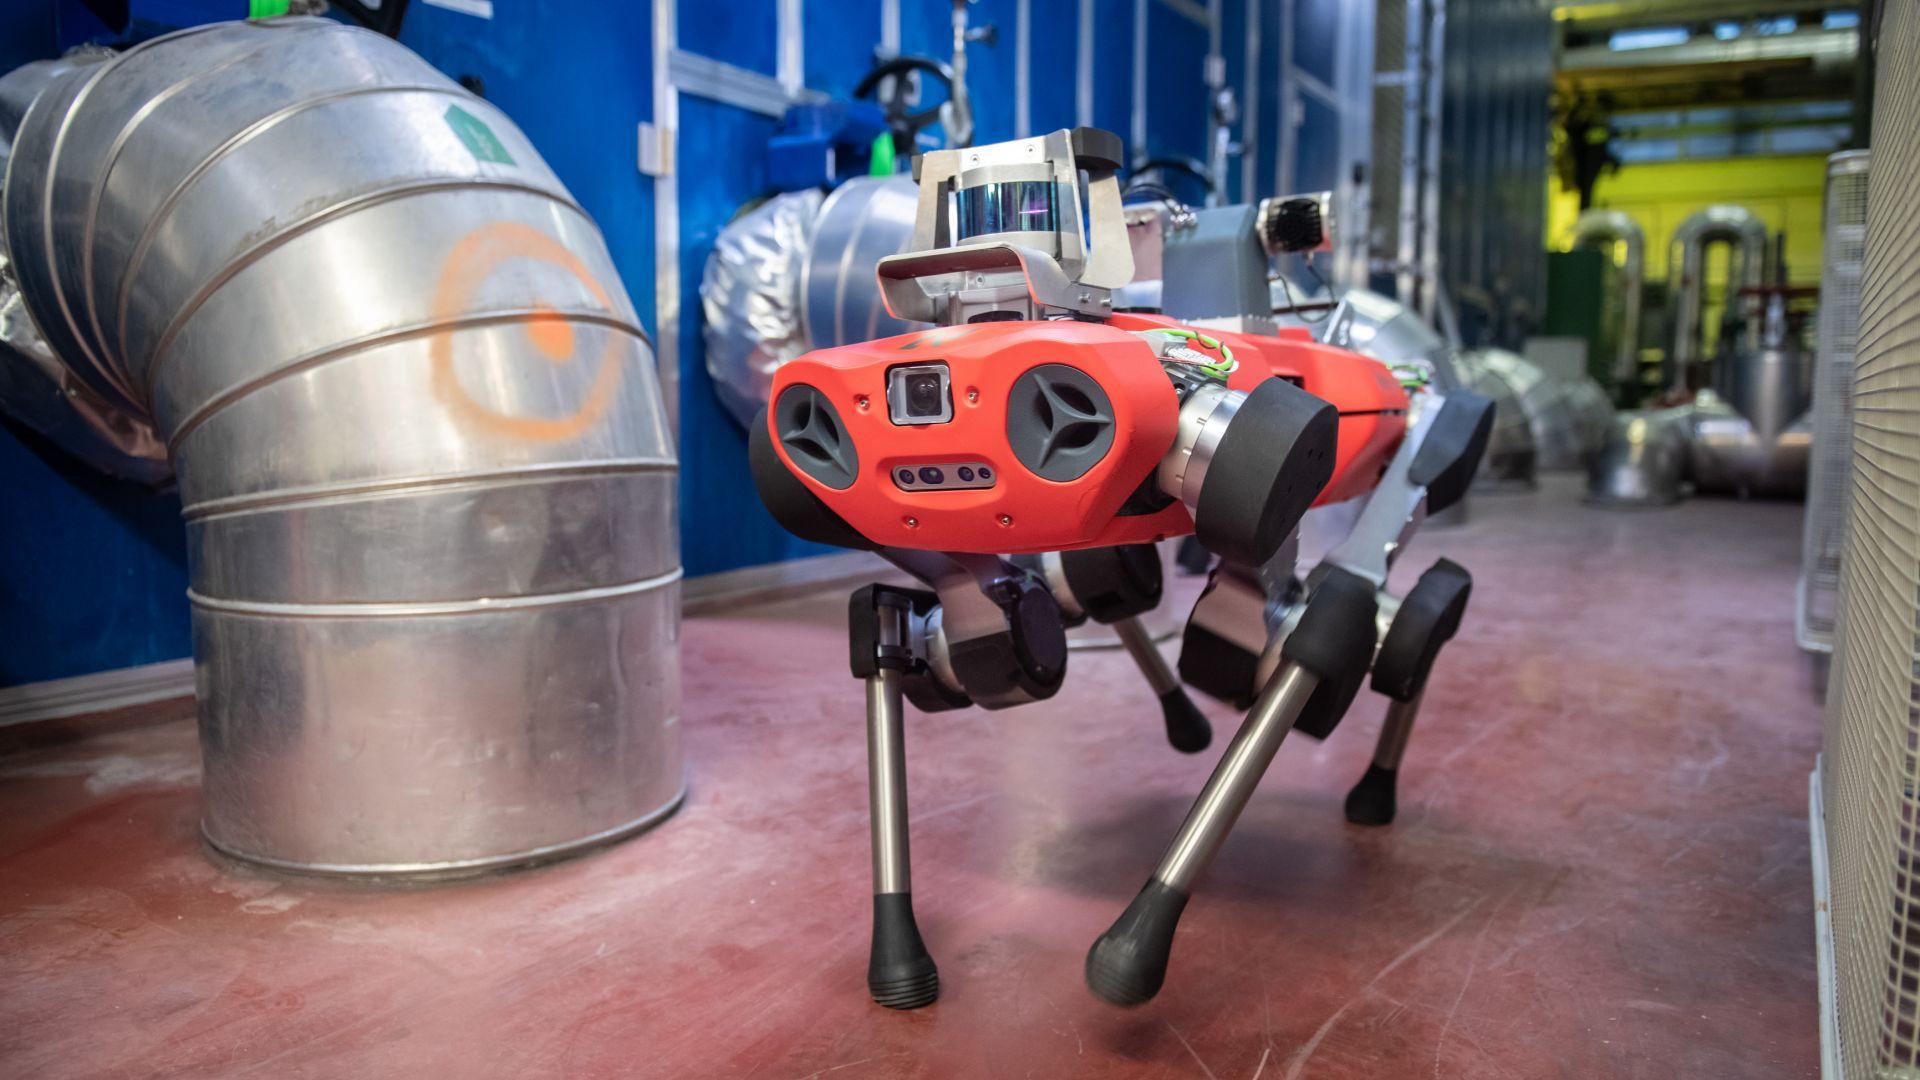 Швейцарци пускат подобрен четириног робот